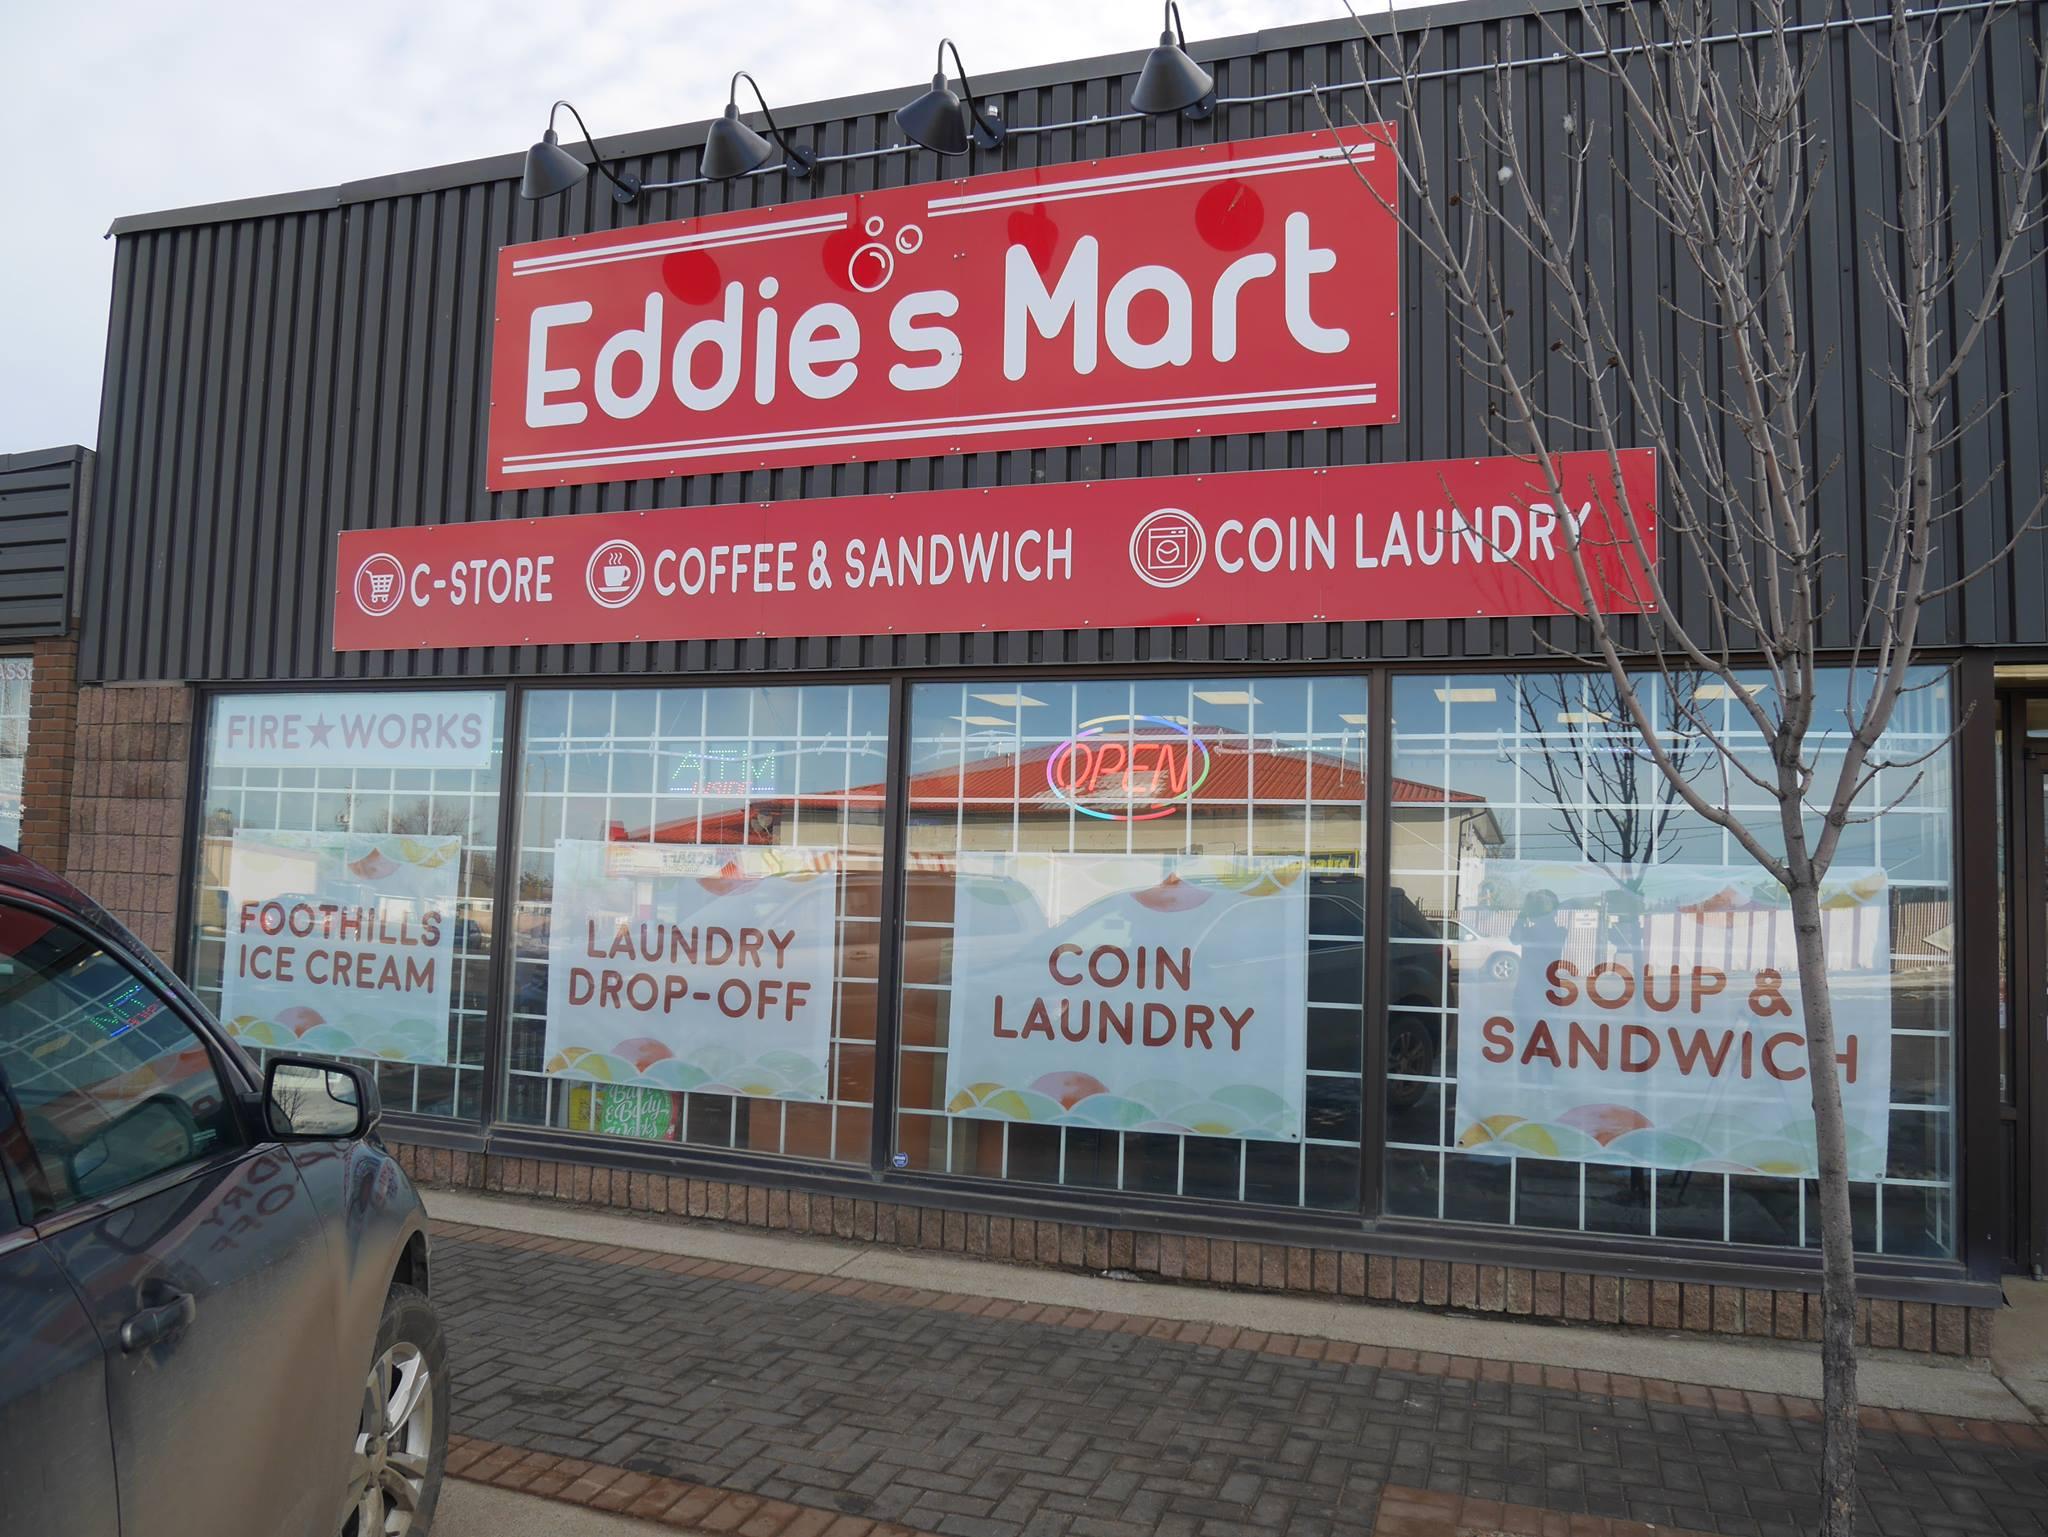 Eddie's Mart